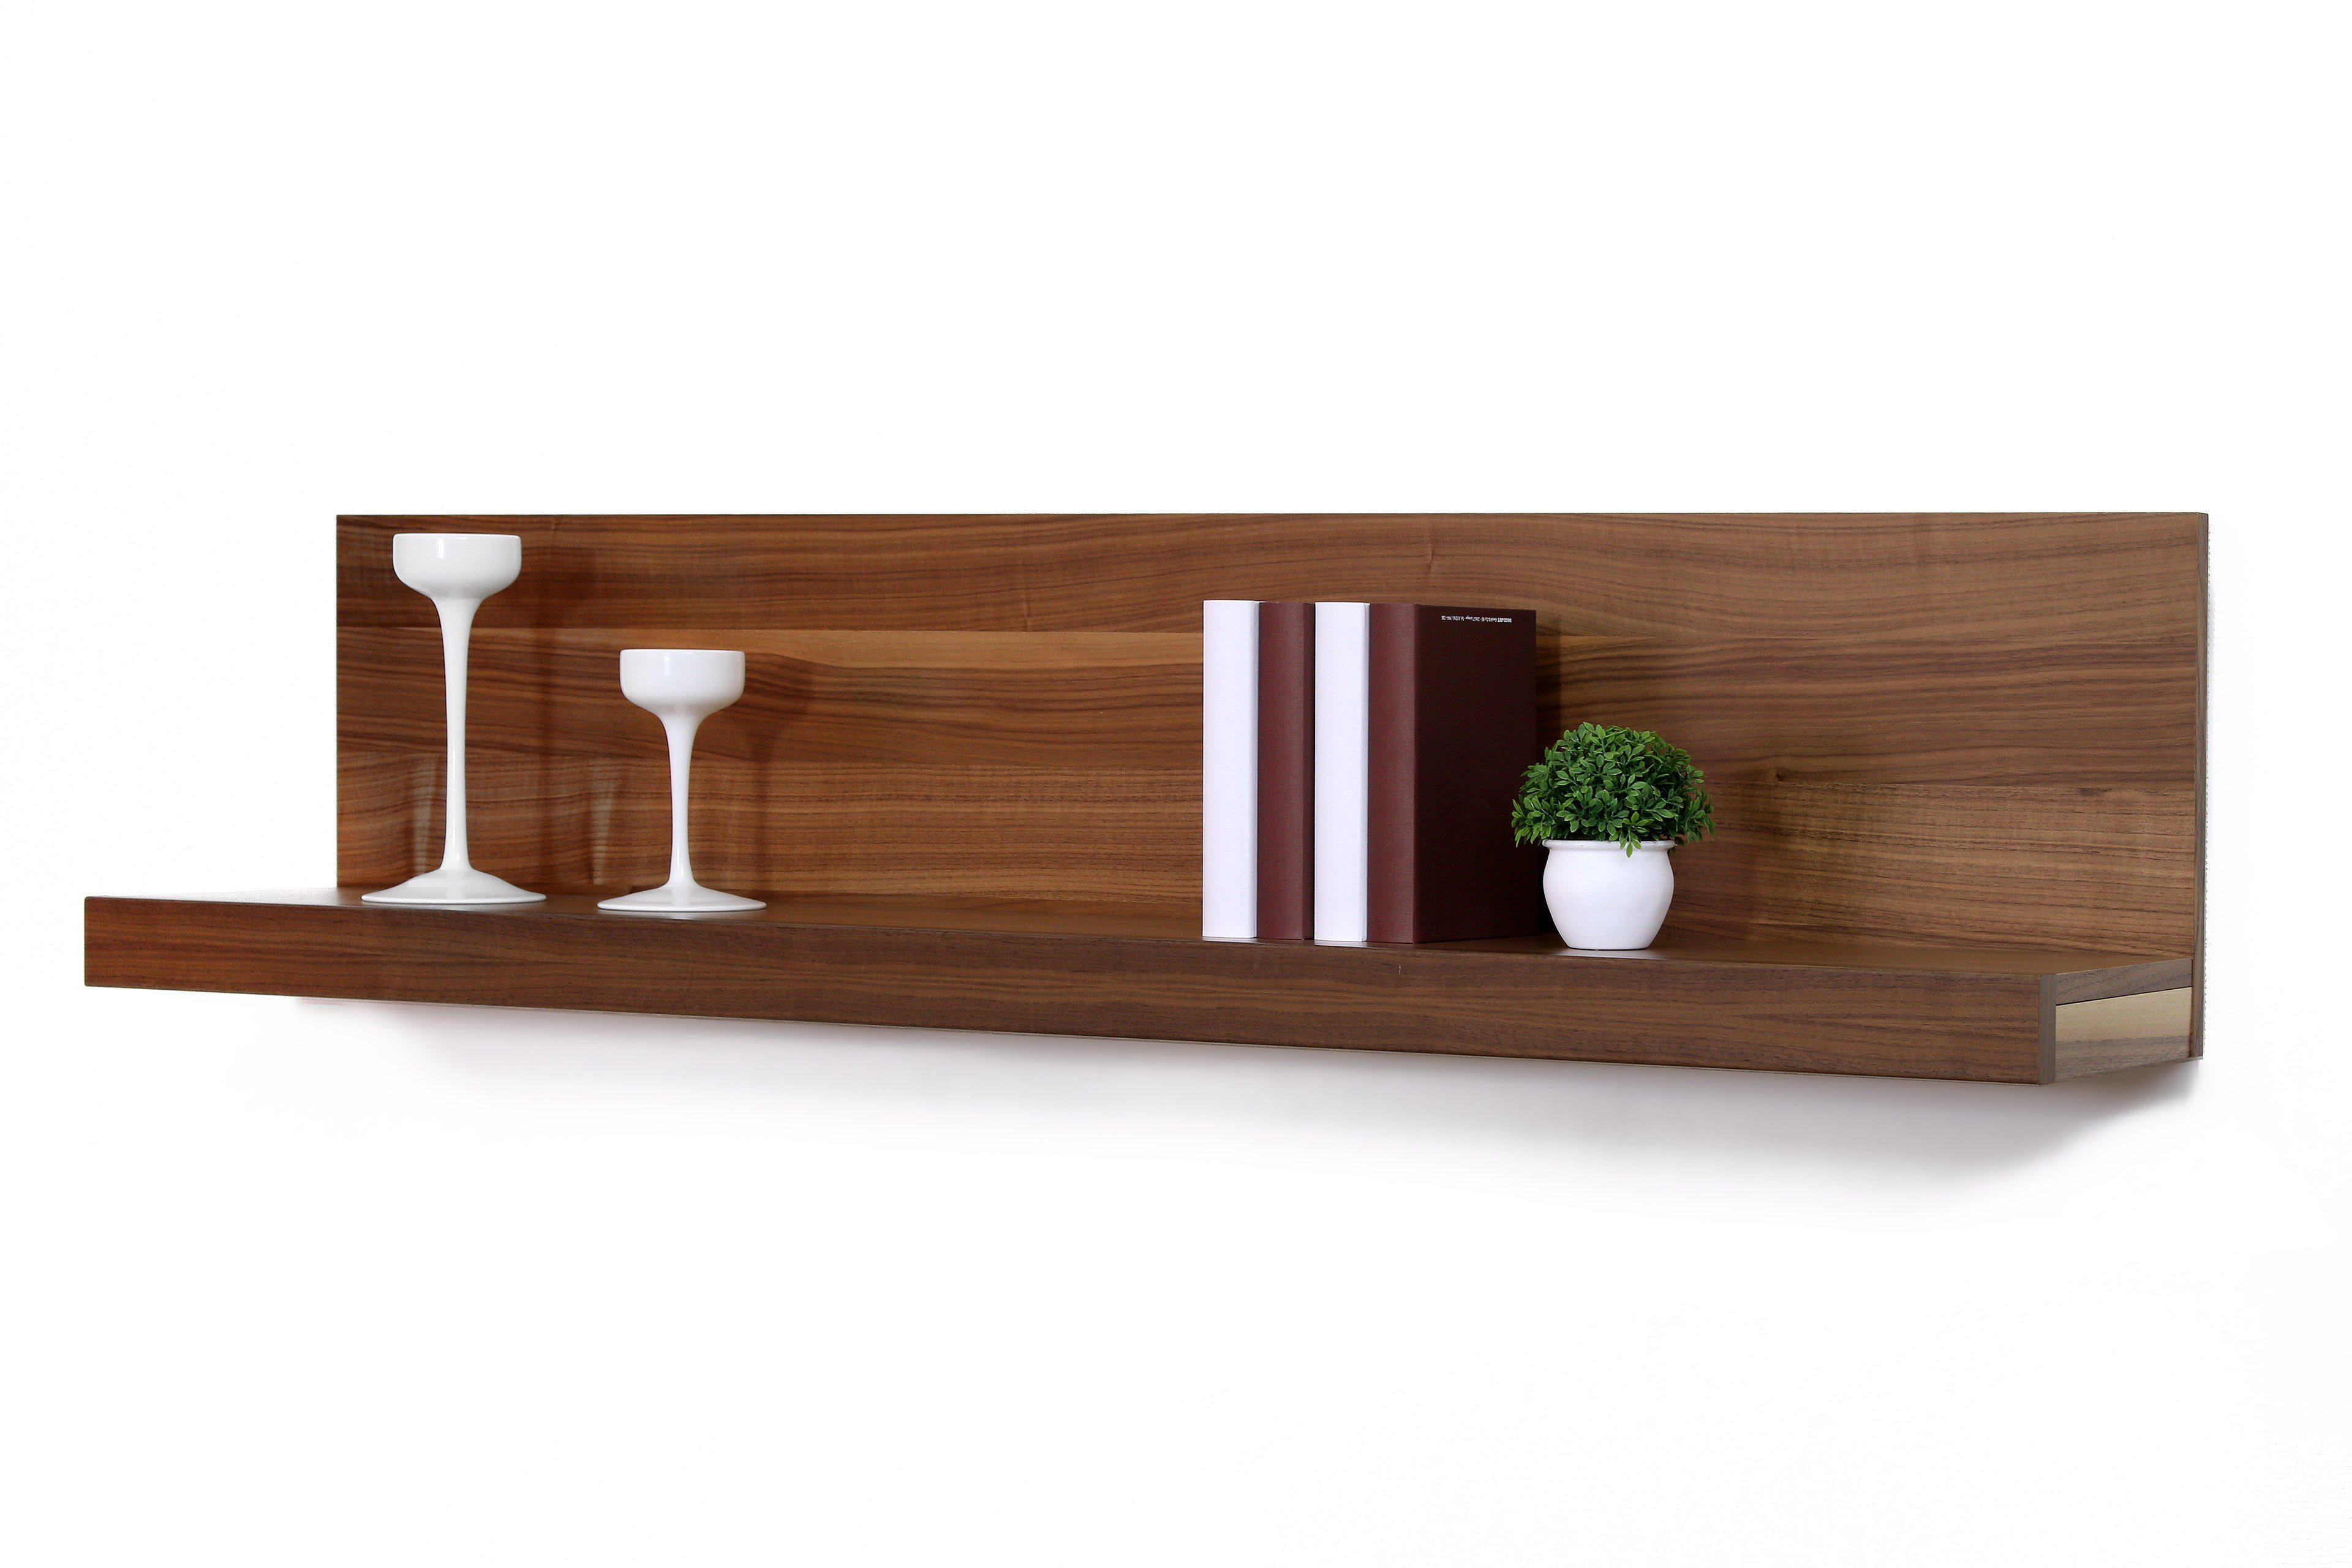 kollektion letz wohnwand joy kernnussbaum m bel letz ihr online shop. Black Bedroom Furniture Sets. Home Design Ideas